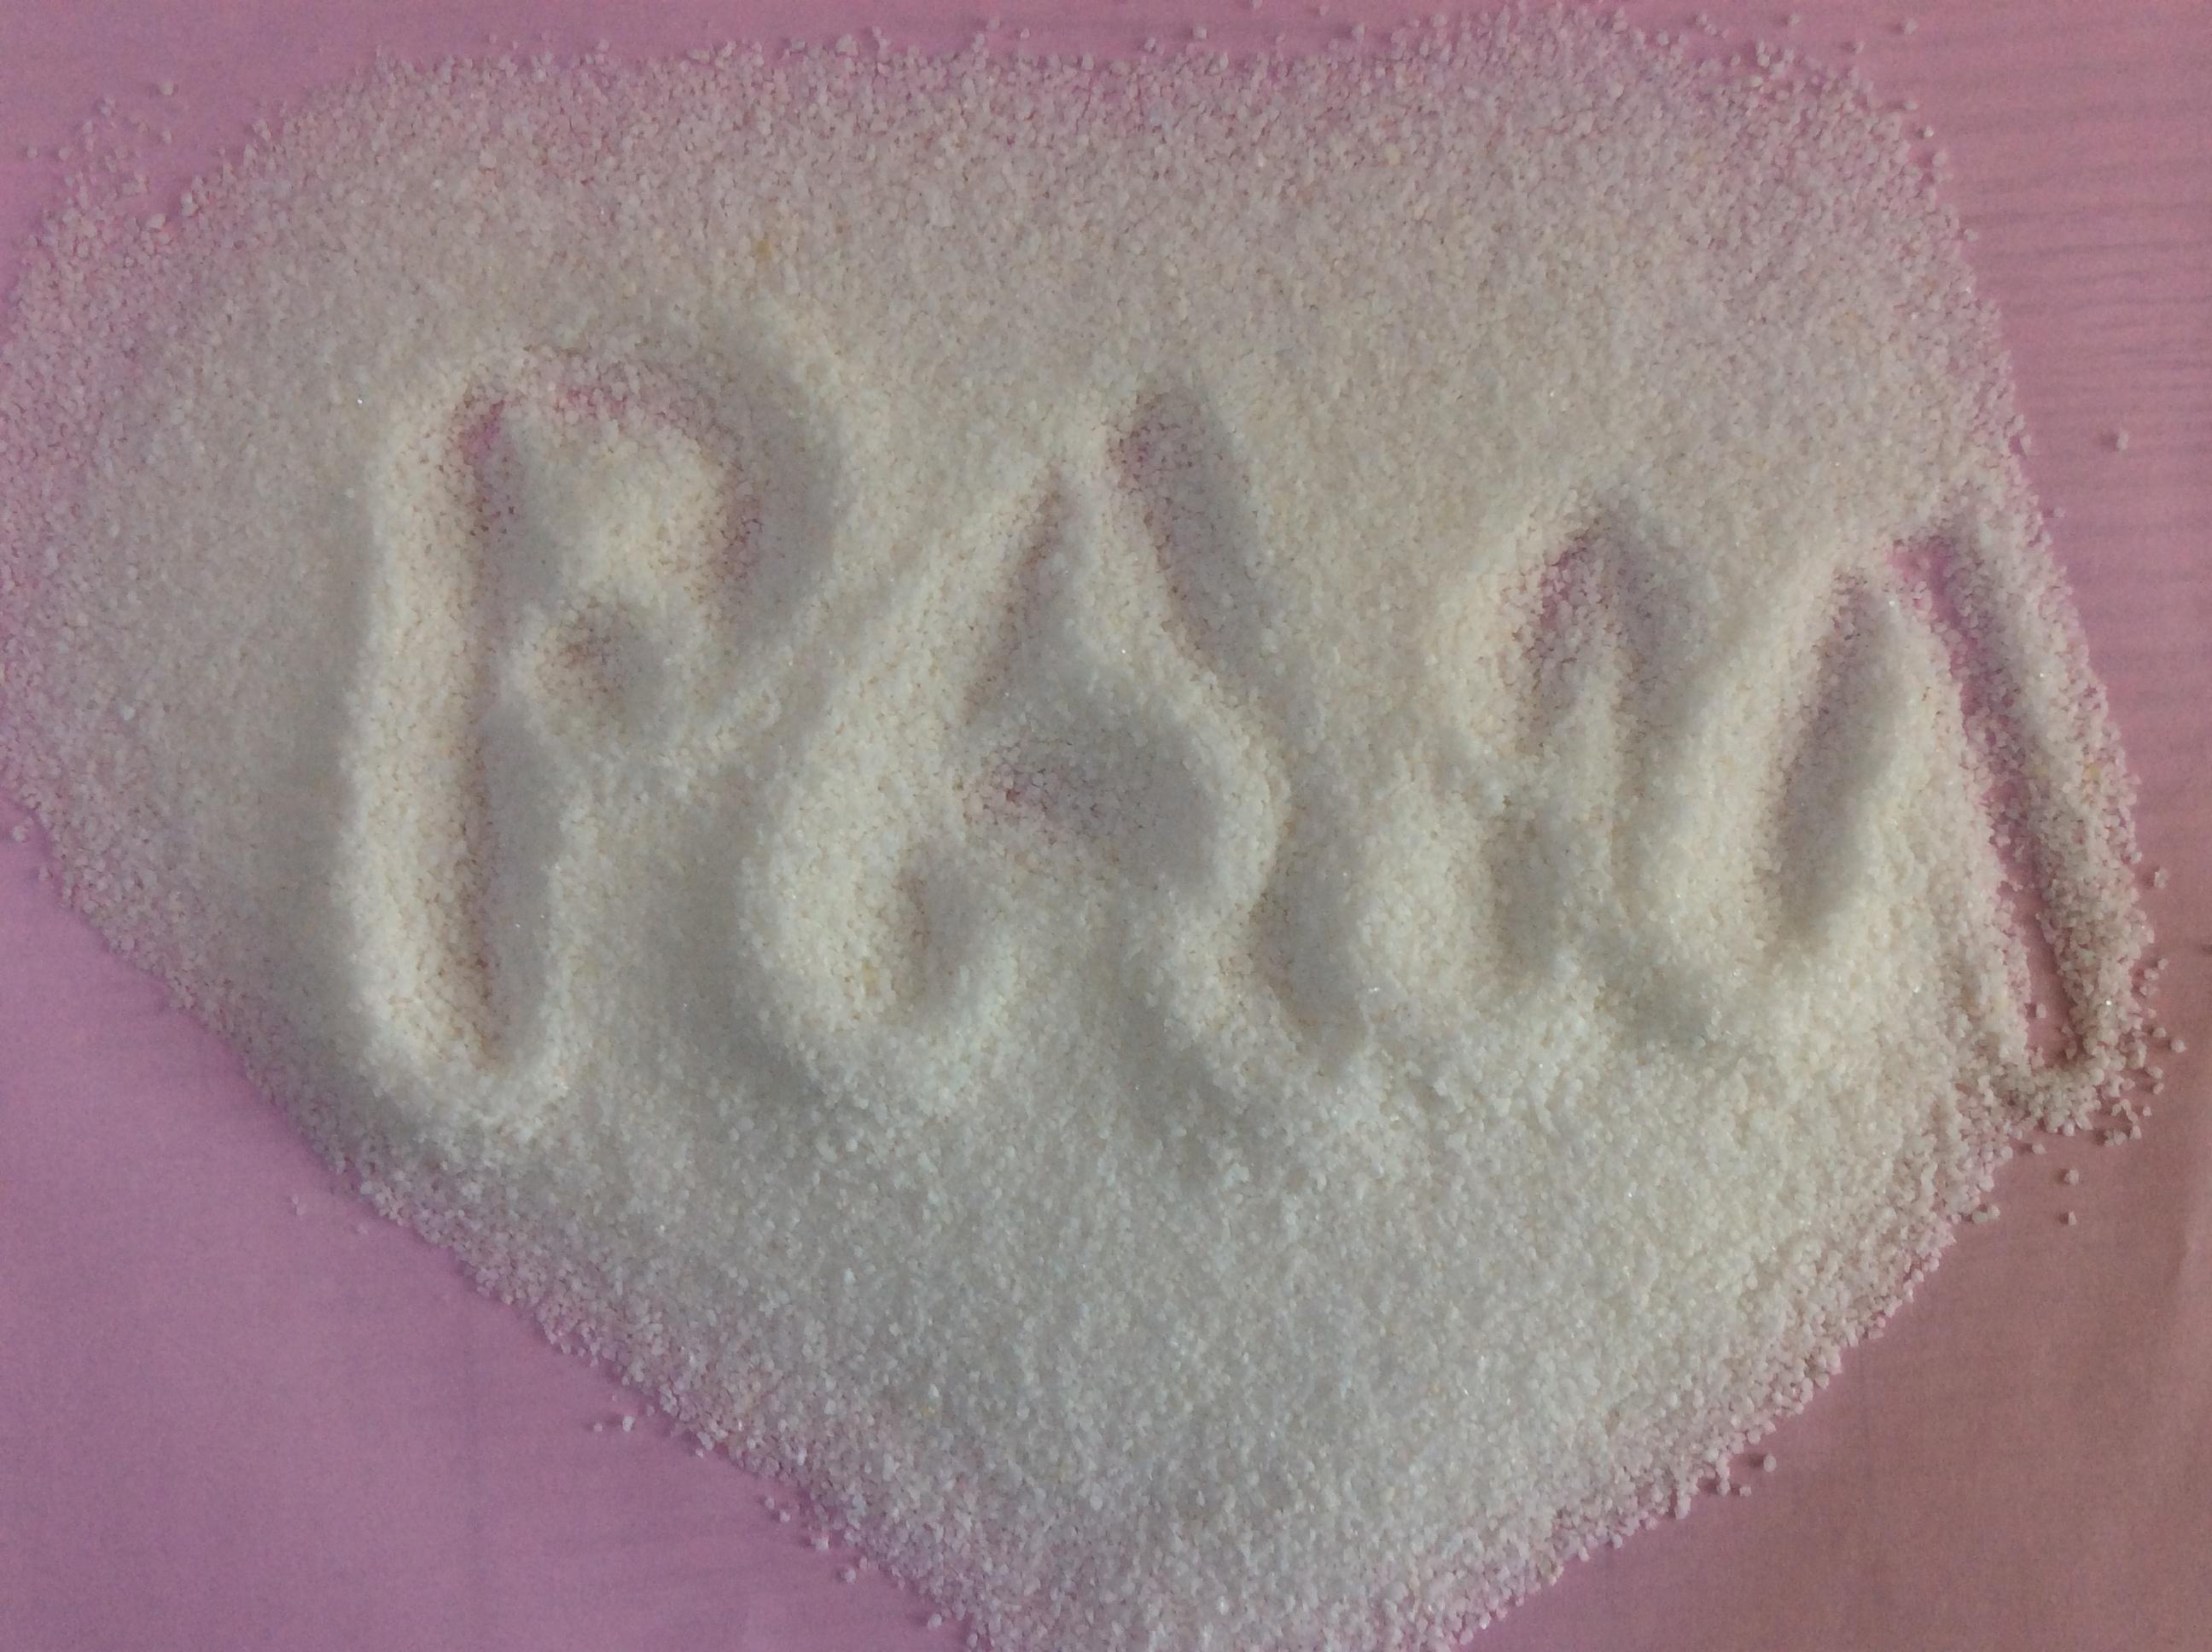 安徽滁州聚丙烯酰胺pam有限公司—— 欢迎您